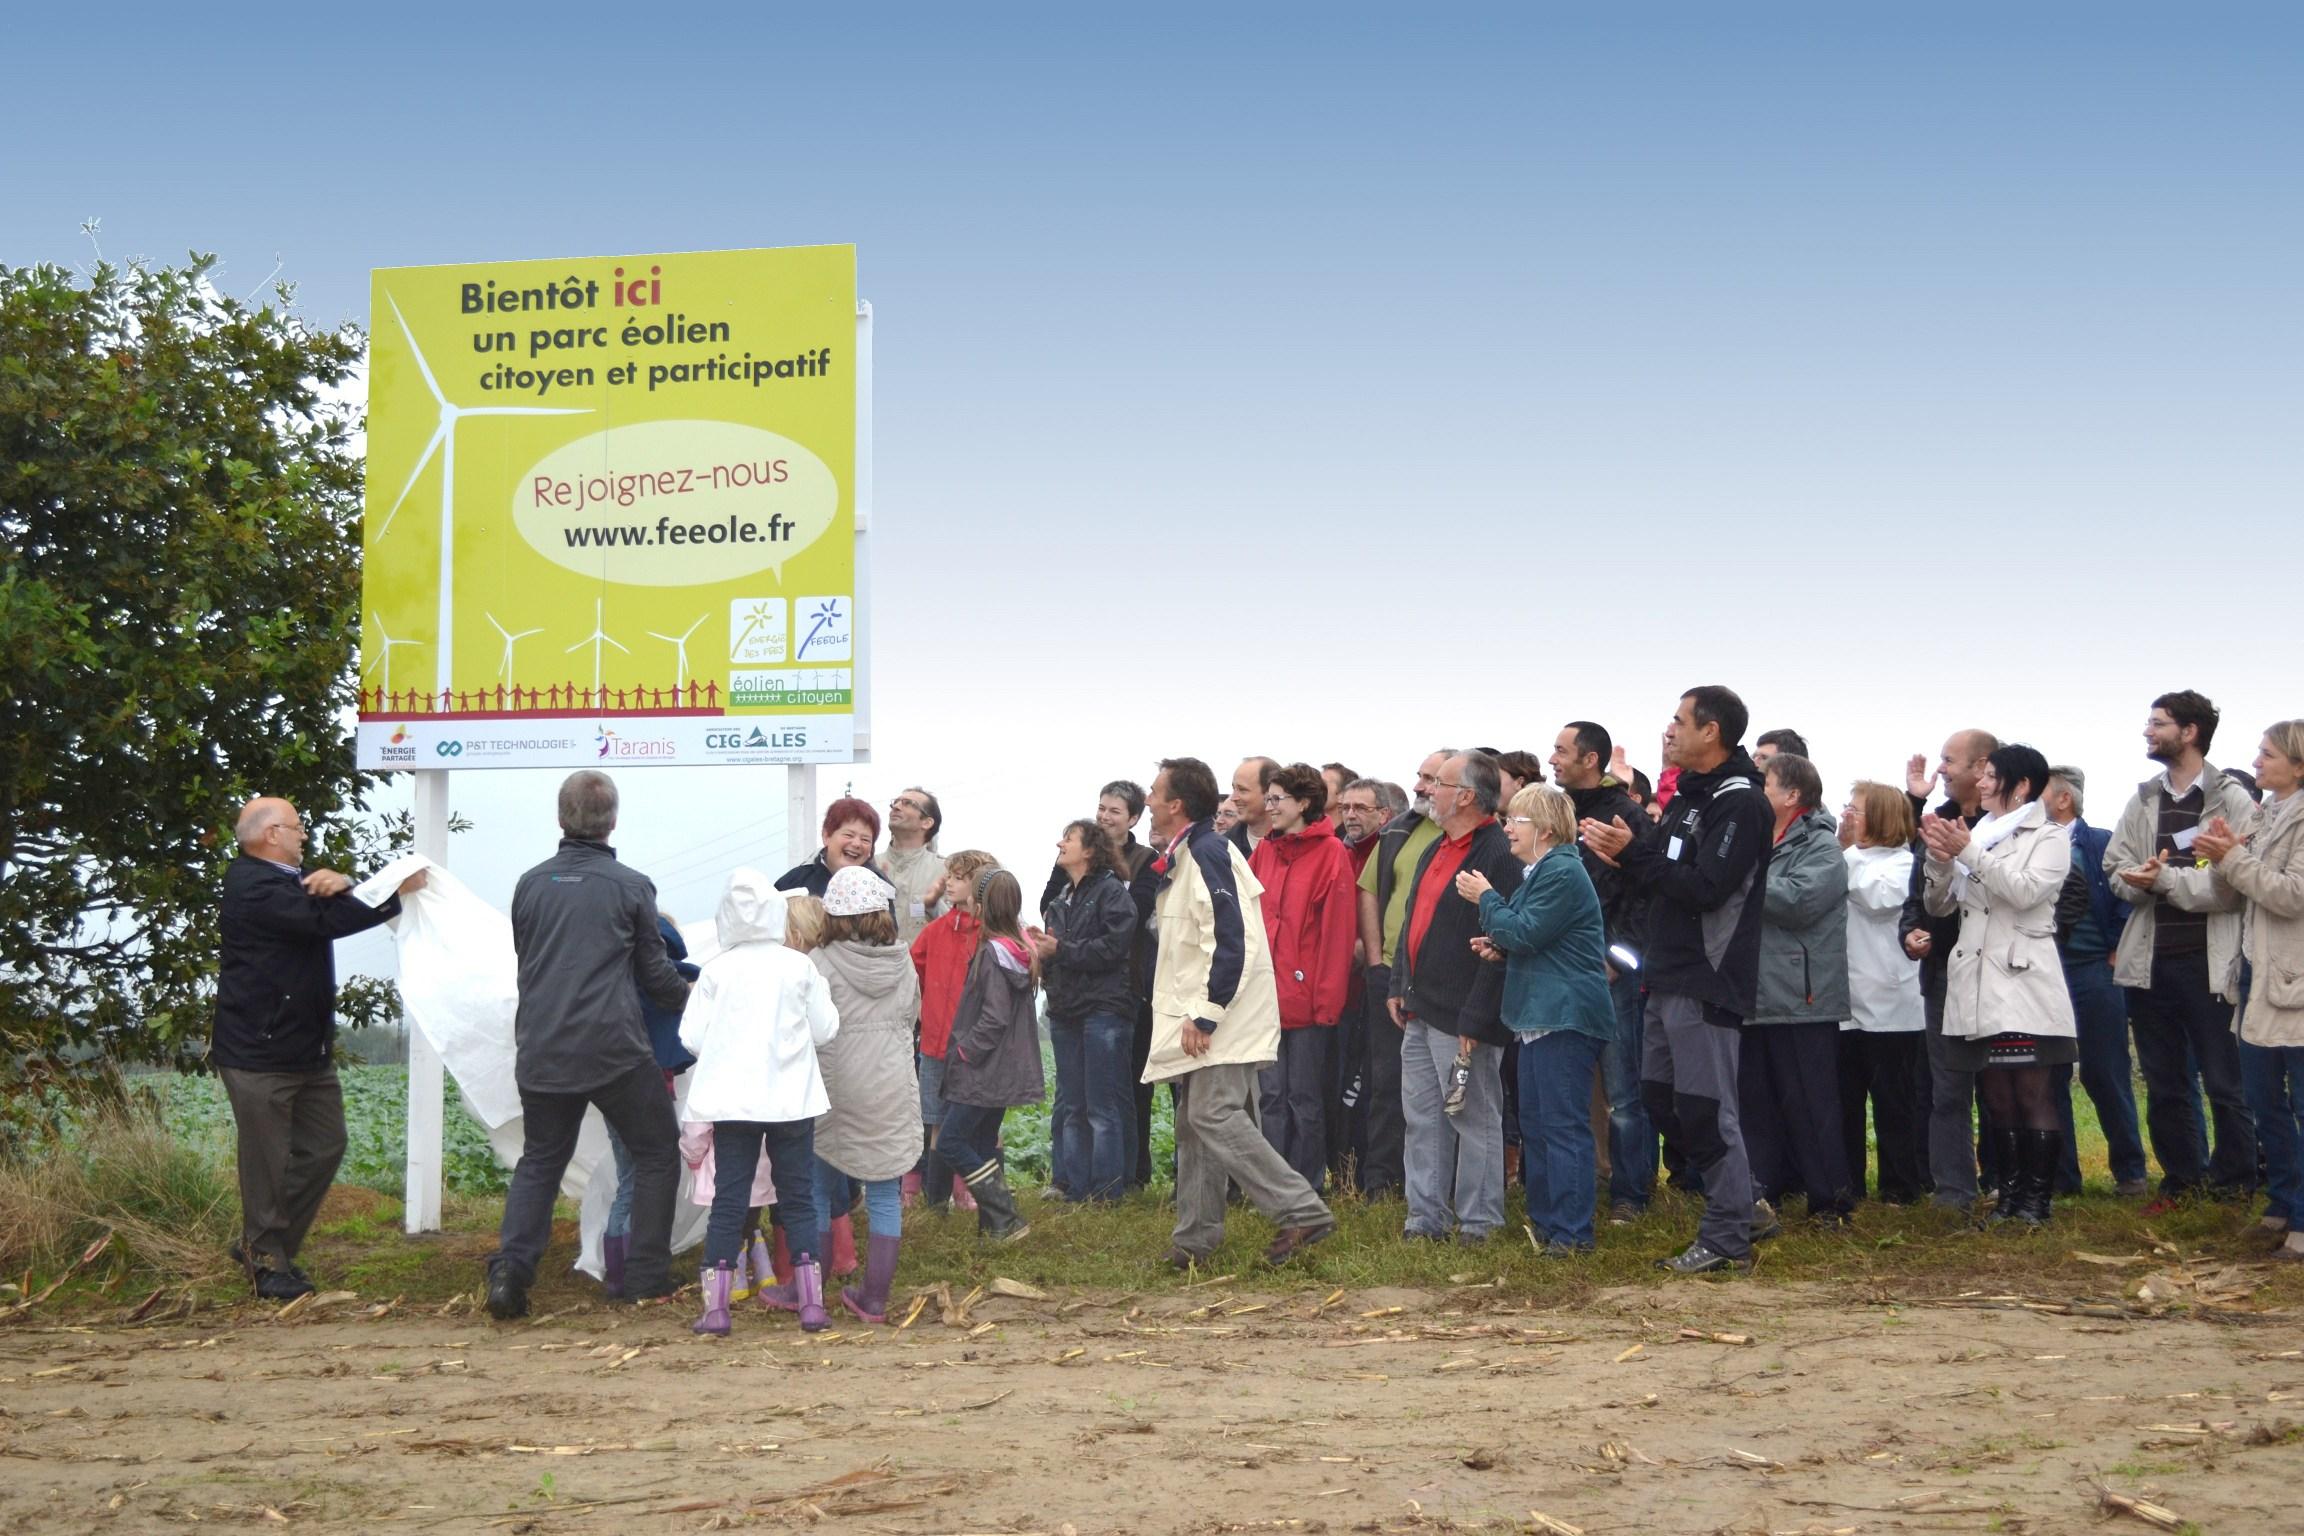 Inauguration du panneau d'annonce pour le parc éolien